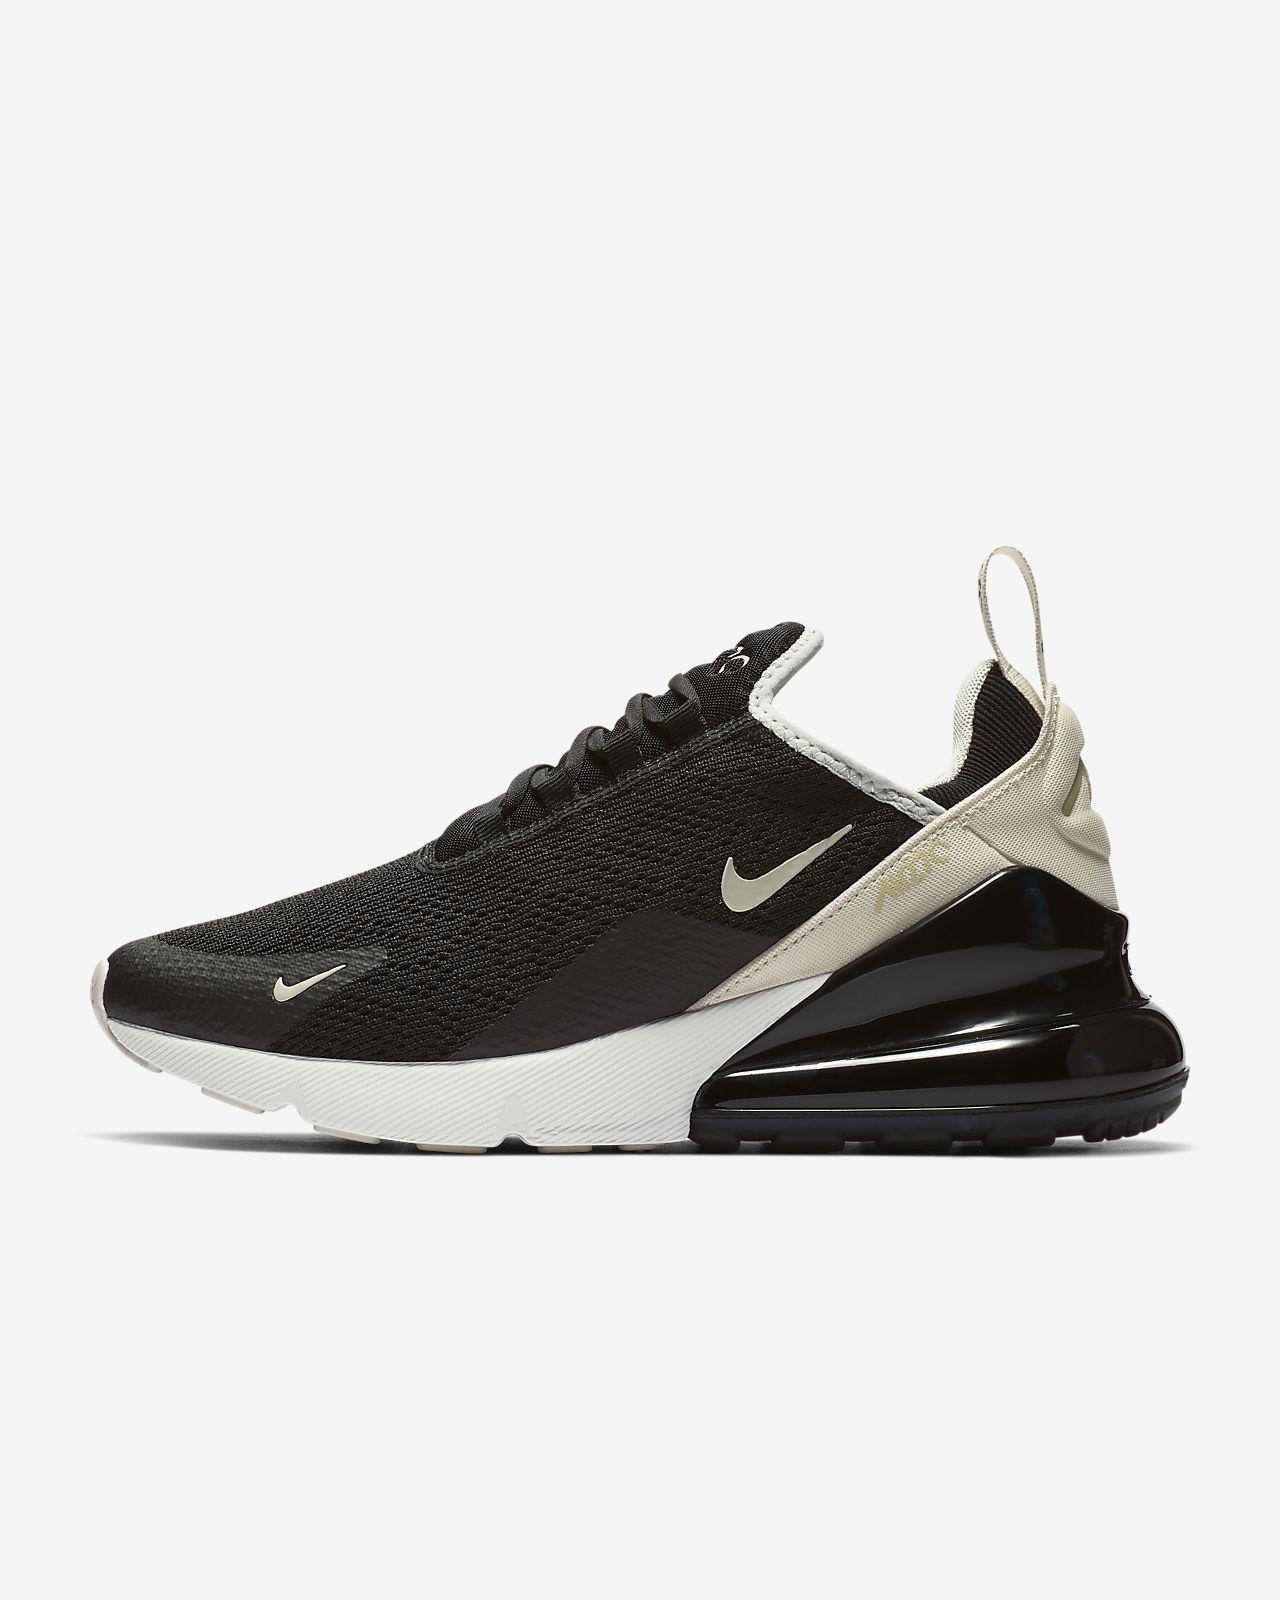 purchase cheap 6410d c7f07 ... Nike Air Max 270 damesko